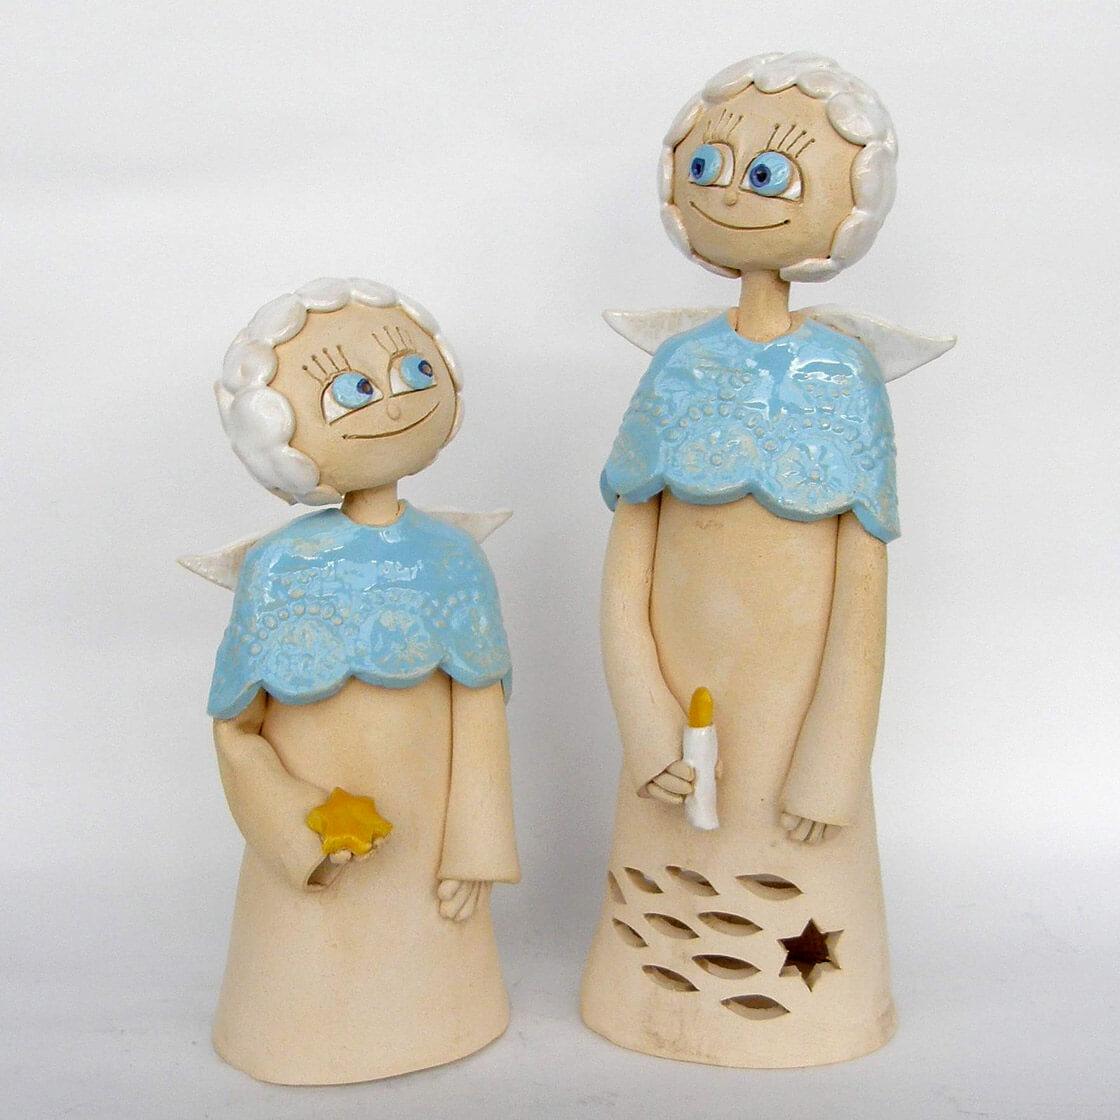 Dva usmívající se andělé z ateliéru Vlaďky Zborníkové. Malý s hvězdičkou v ruce a velký se svíčkou.